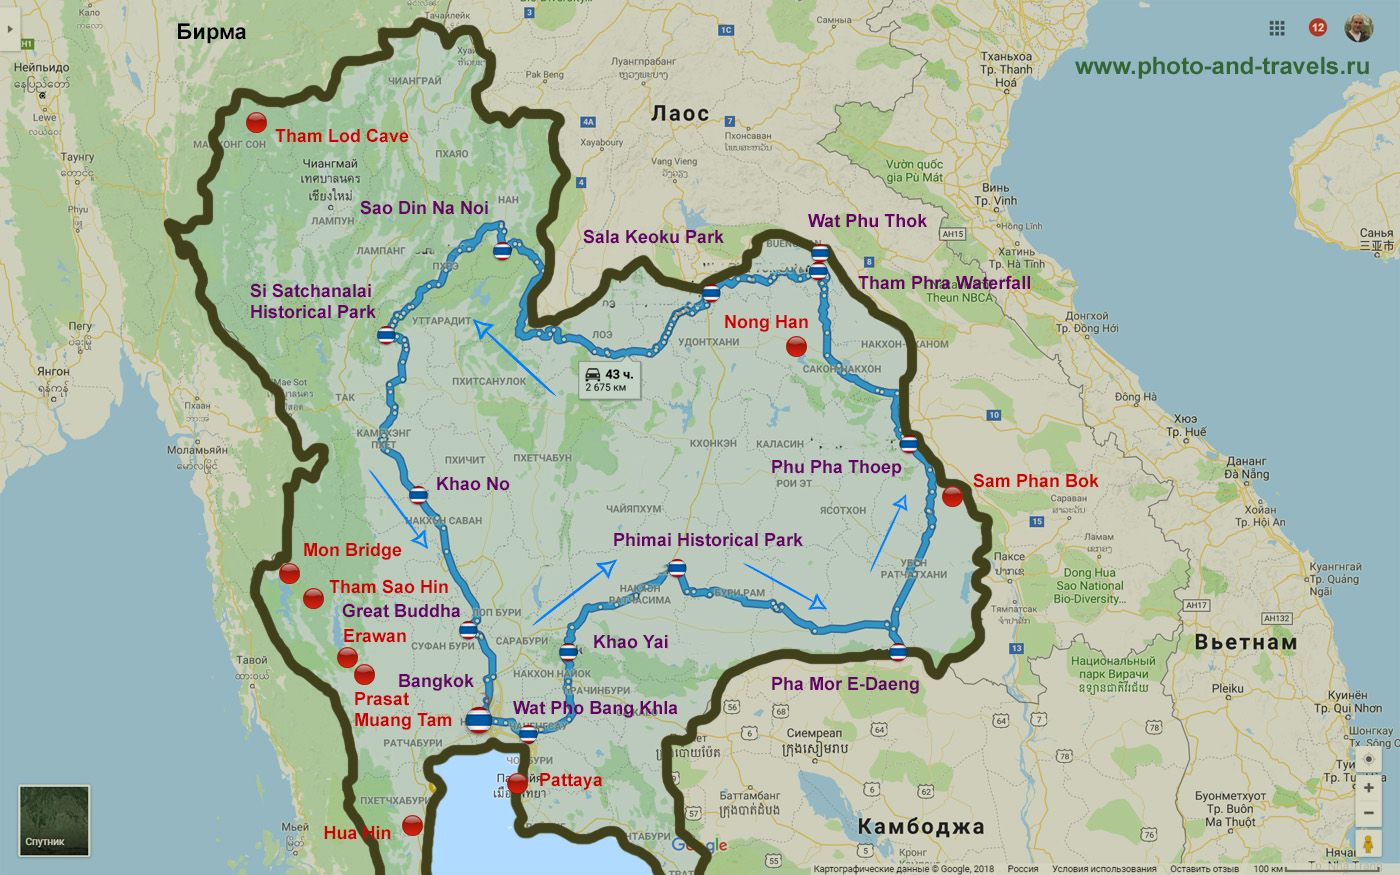 5. Карта со схемой маршрута самостоятельного путешествия по Северо-Востоку и Центру Таиланду. Планируем недорогую поездку на авто.